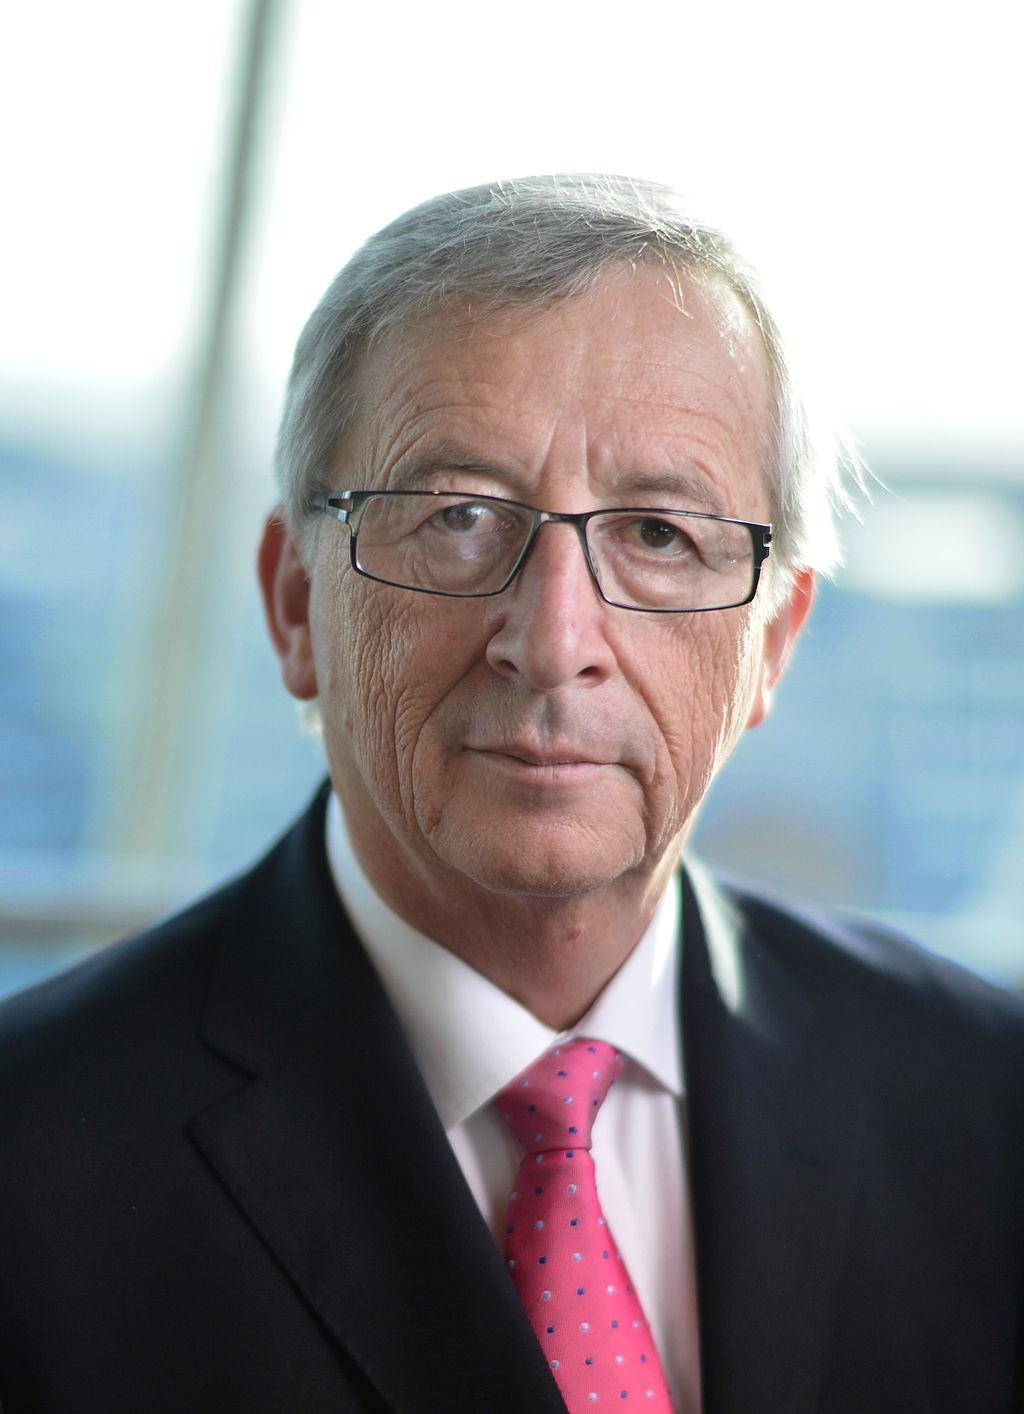 Livestream: Siebte Europa-Rede mit Jean-Claude Juncker